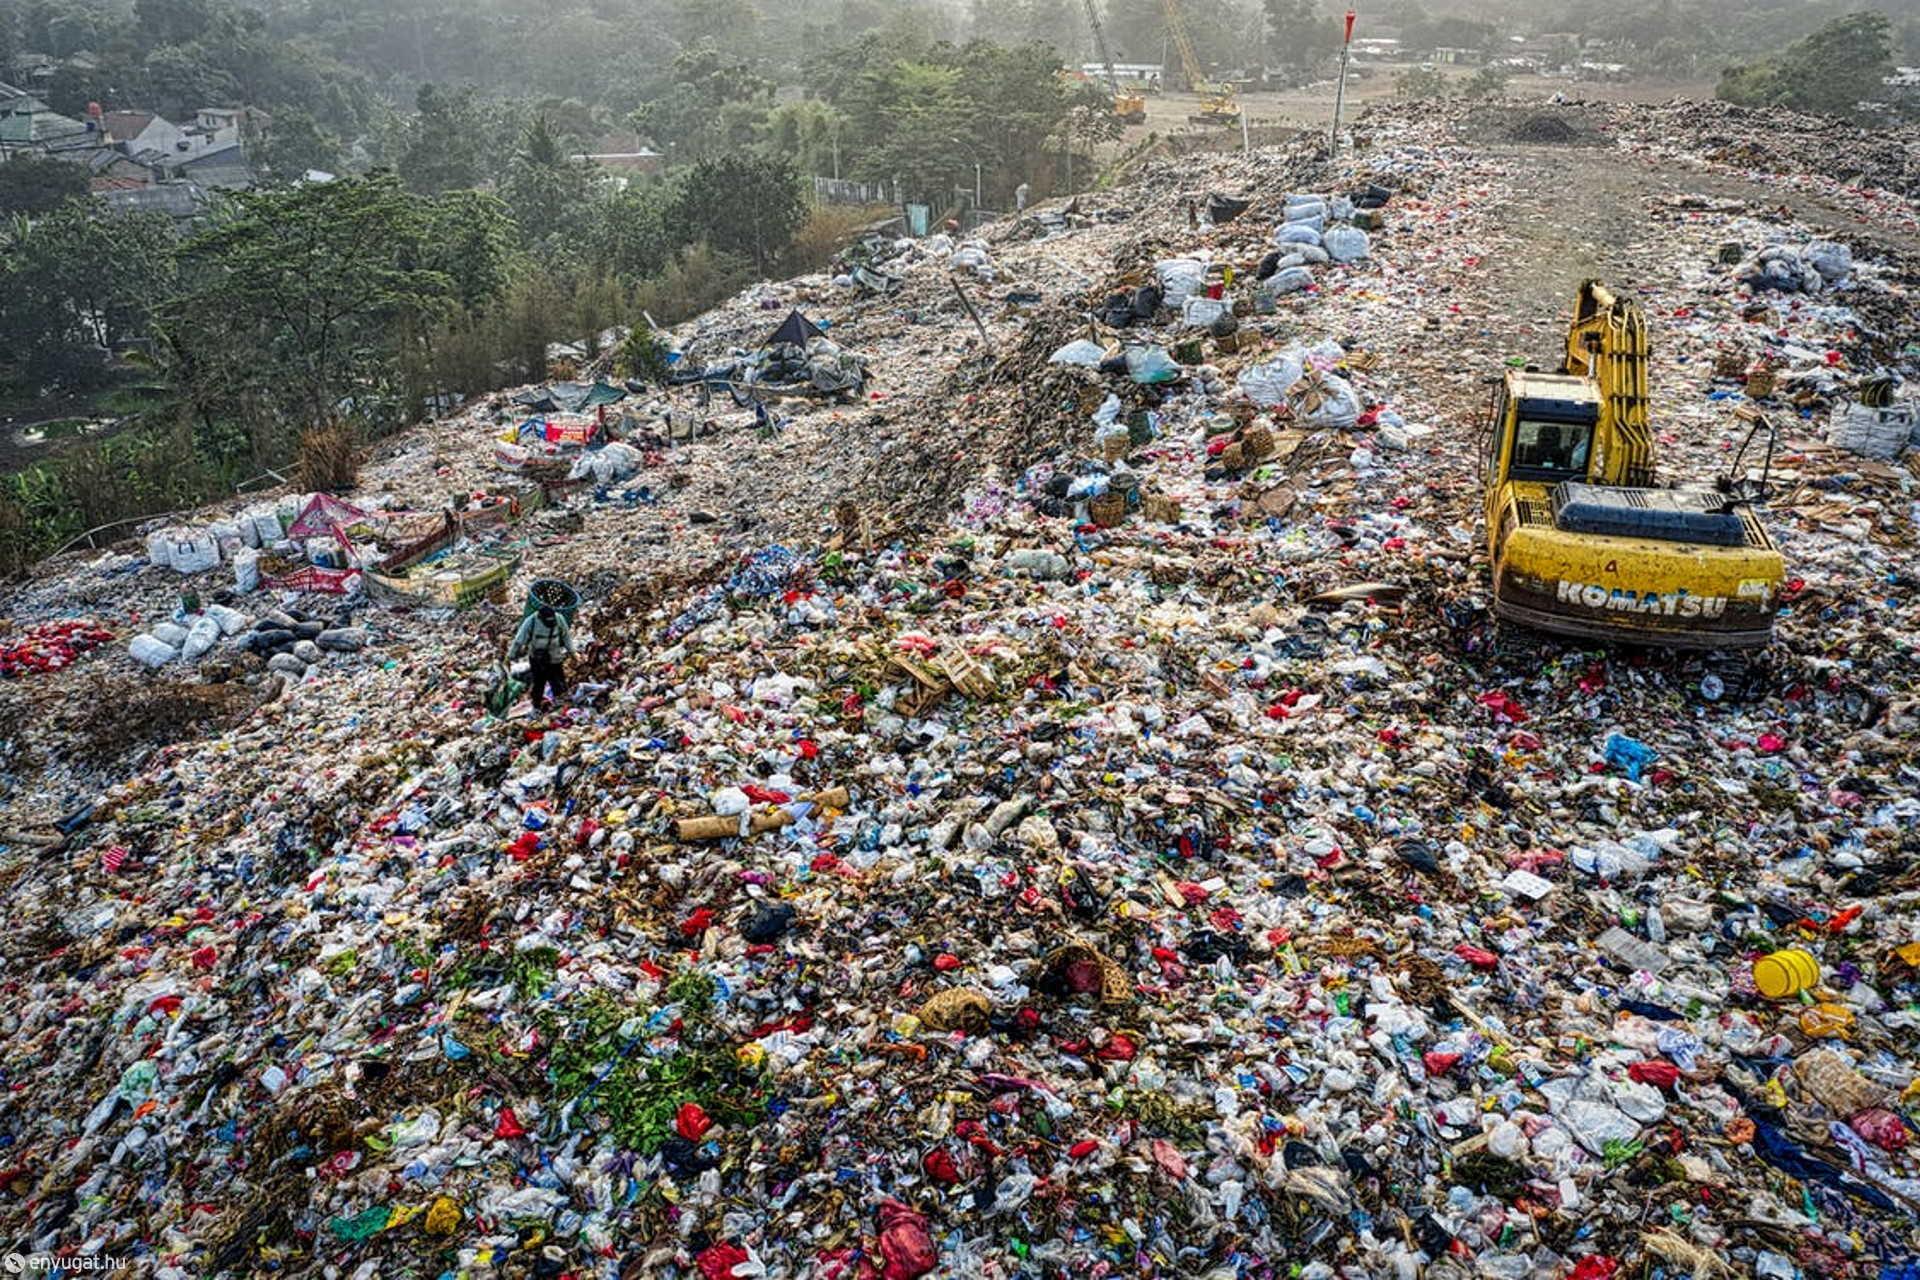 Elképesztő mennyiségű hulladékot hagy maga mögött az ember.